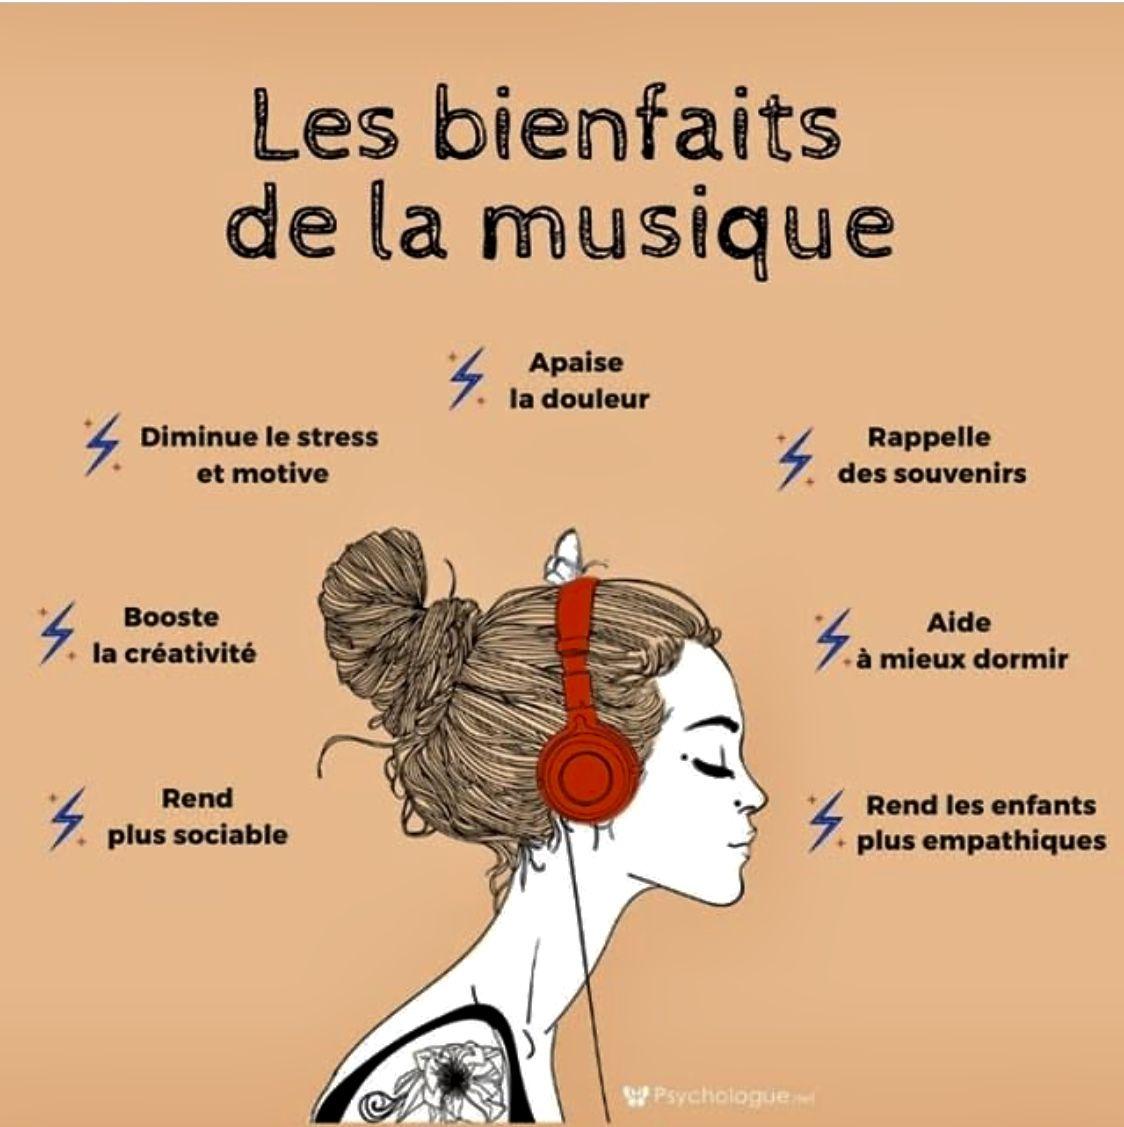 Le Pouvoir De Guerison De La Musique Musicotherapie Guerison Musique